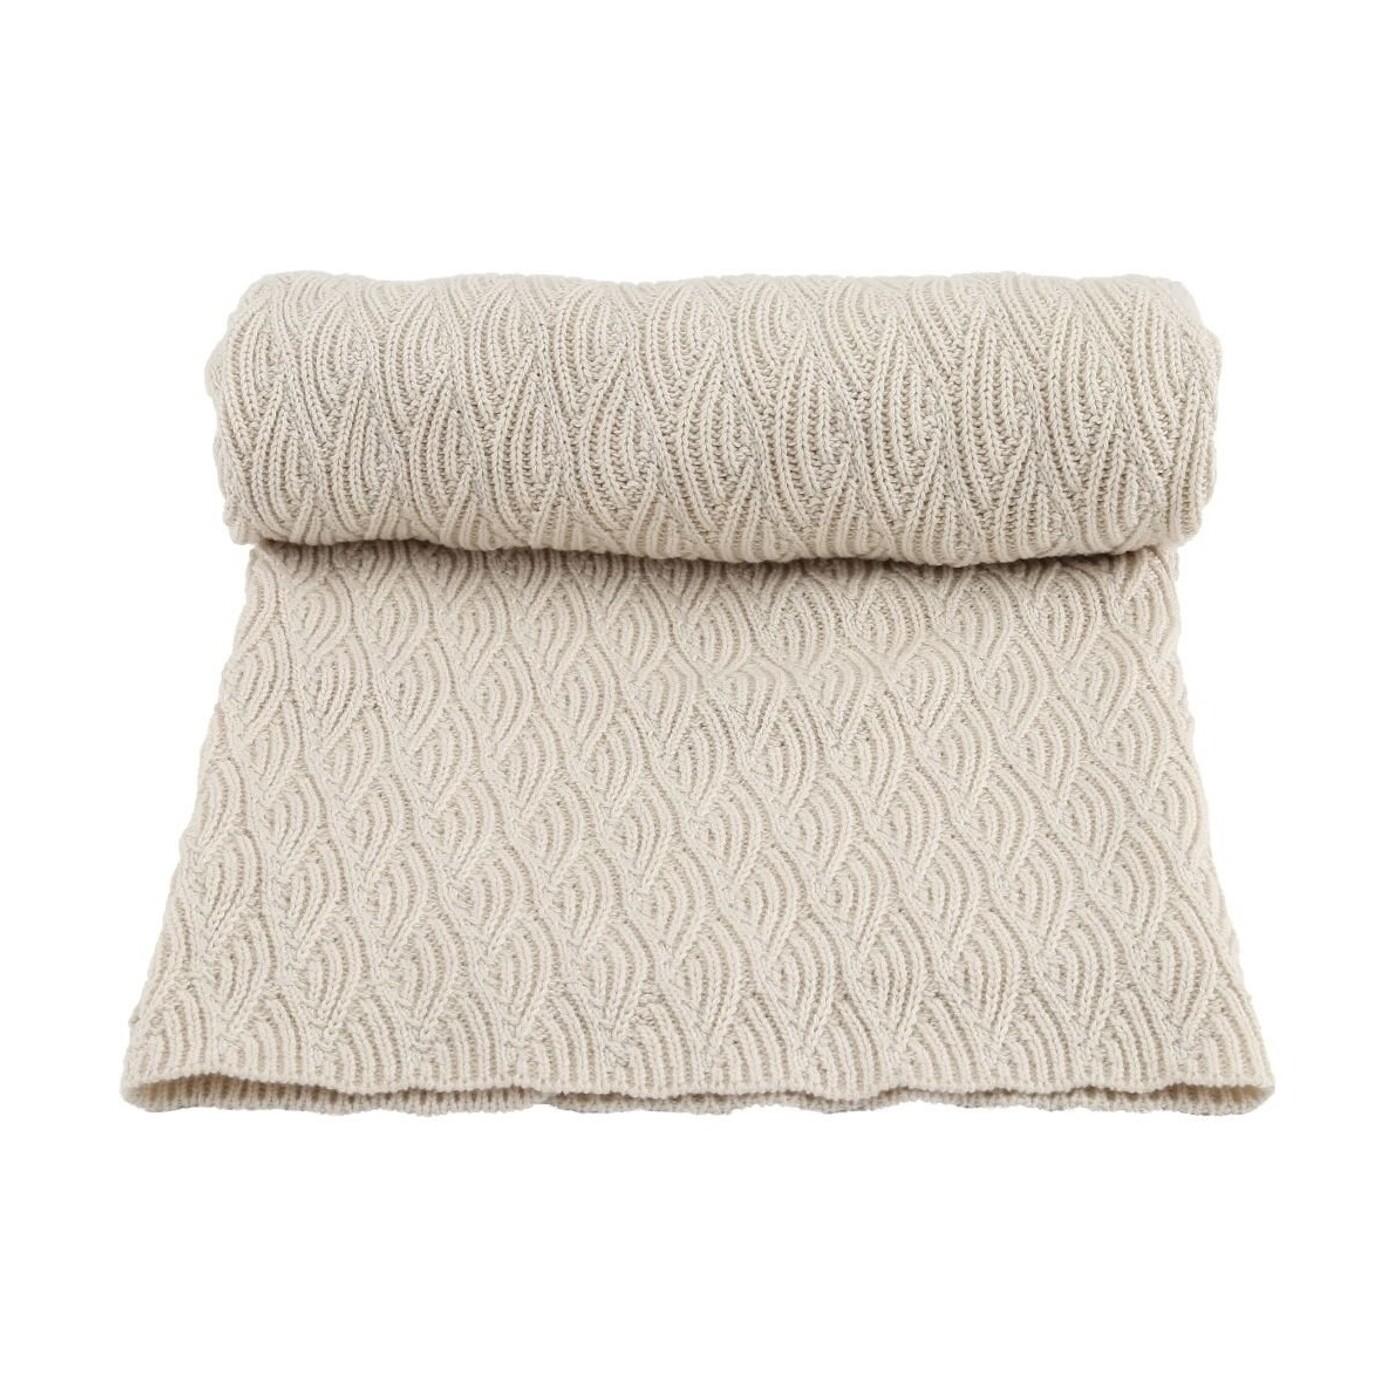 Blanket, Pointelle - Off-White